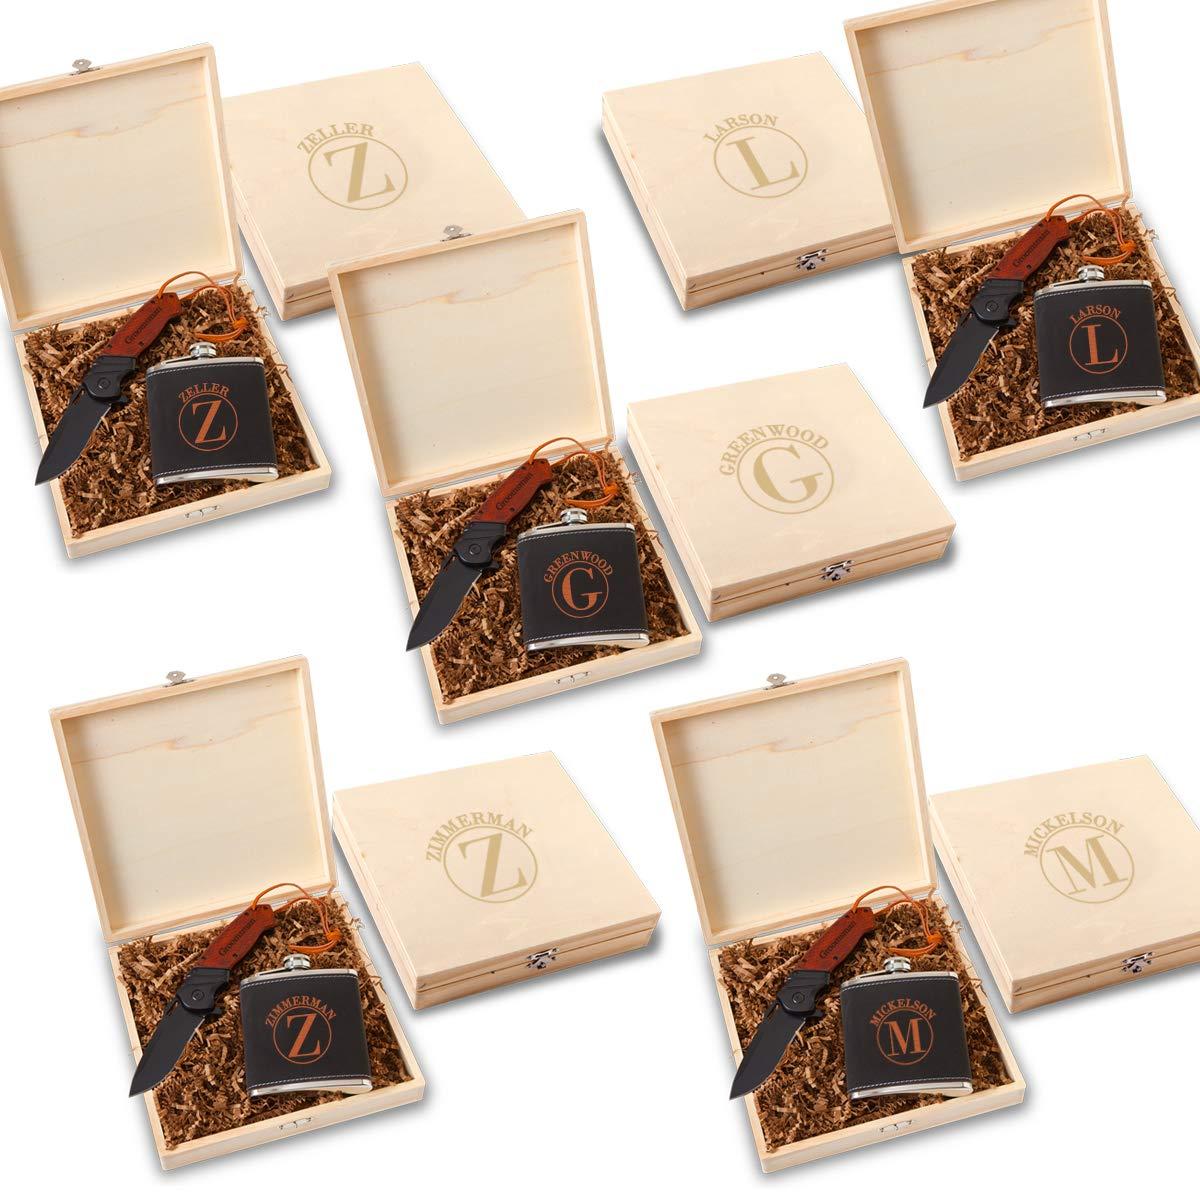 Groomsmen Stirling Flask Gift Box Set - Set of 5 (Circle)